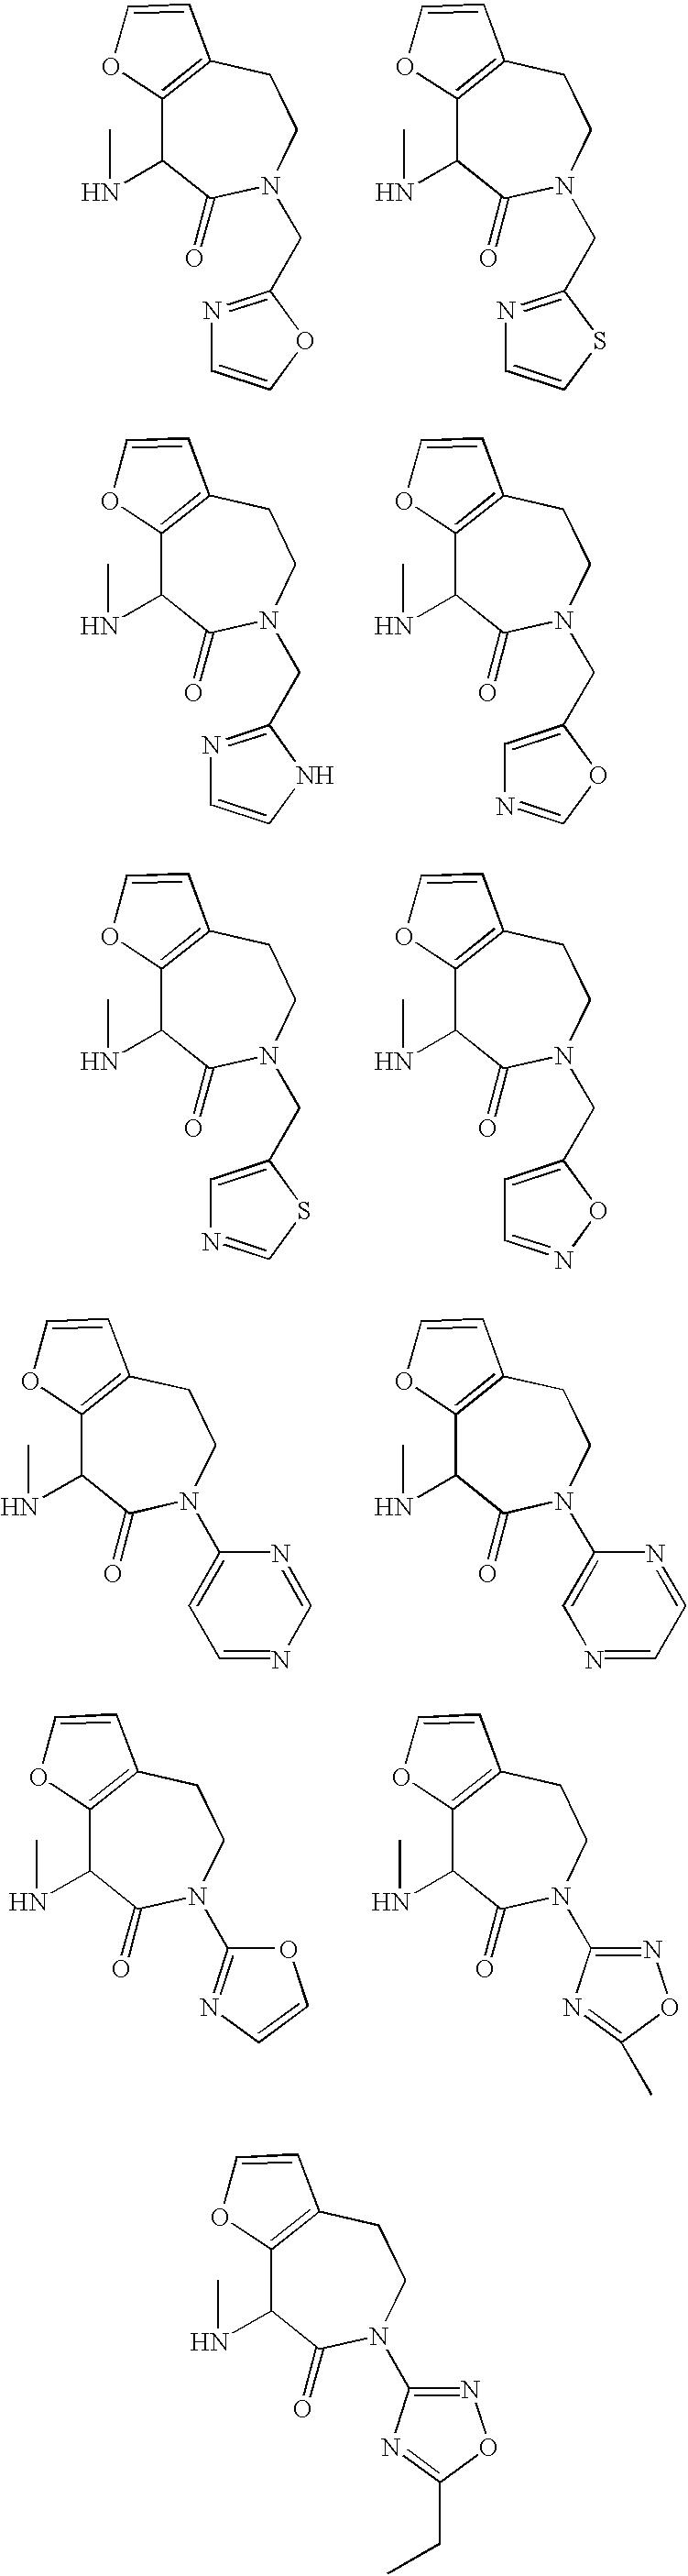 Figure US06509331-20030121-C00104